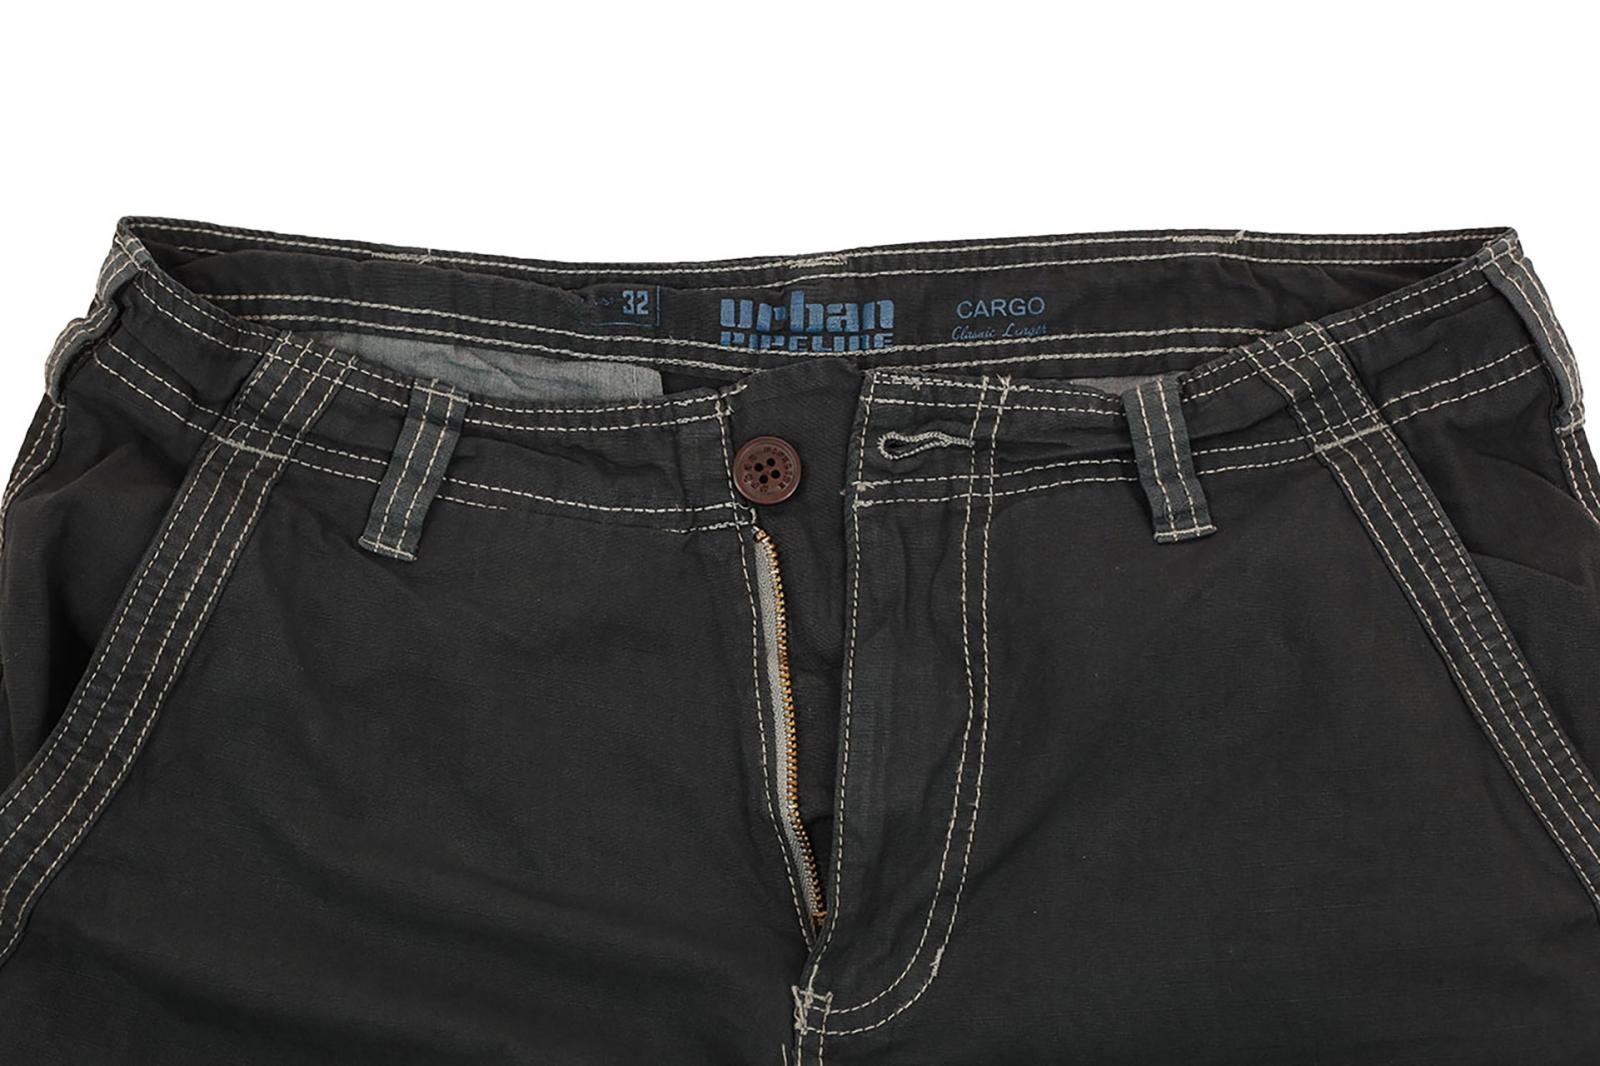 Универсальные мужские шорты Карго от Urban с доставкой